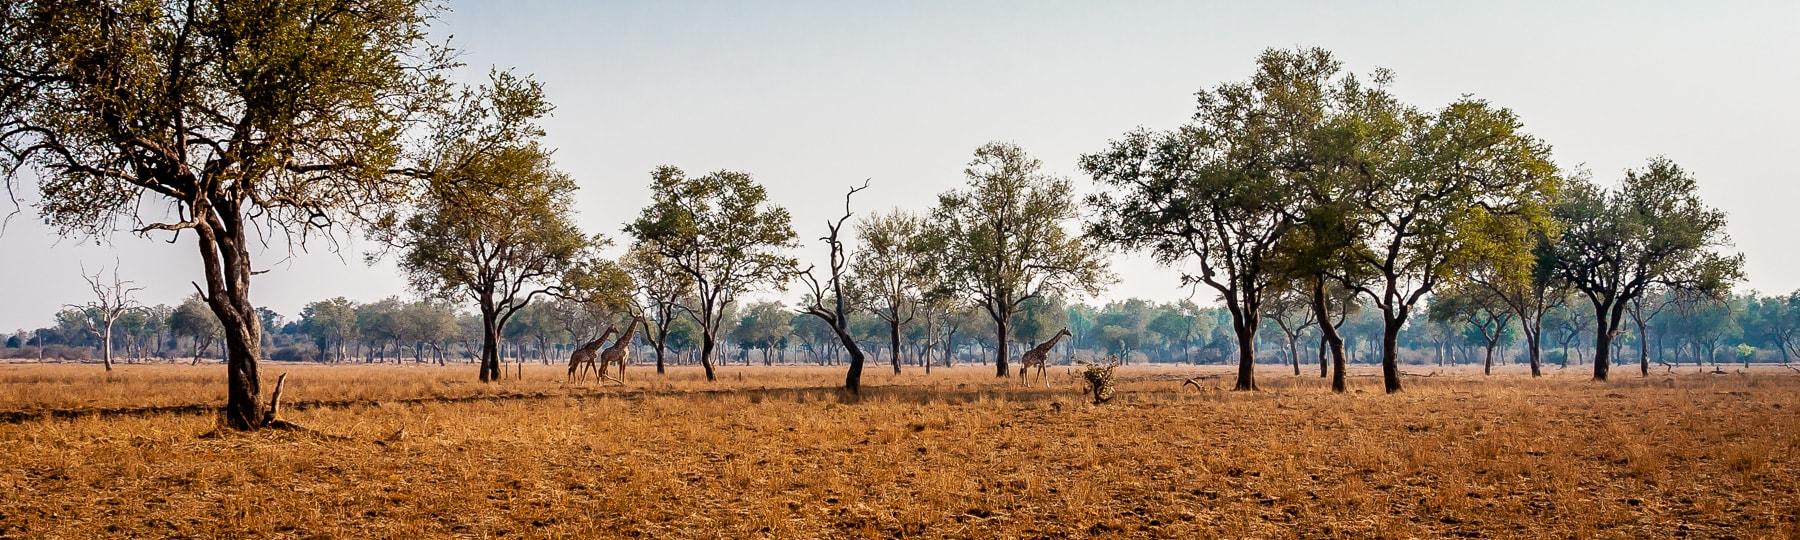 Luangwa Park Zambia min